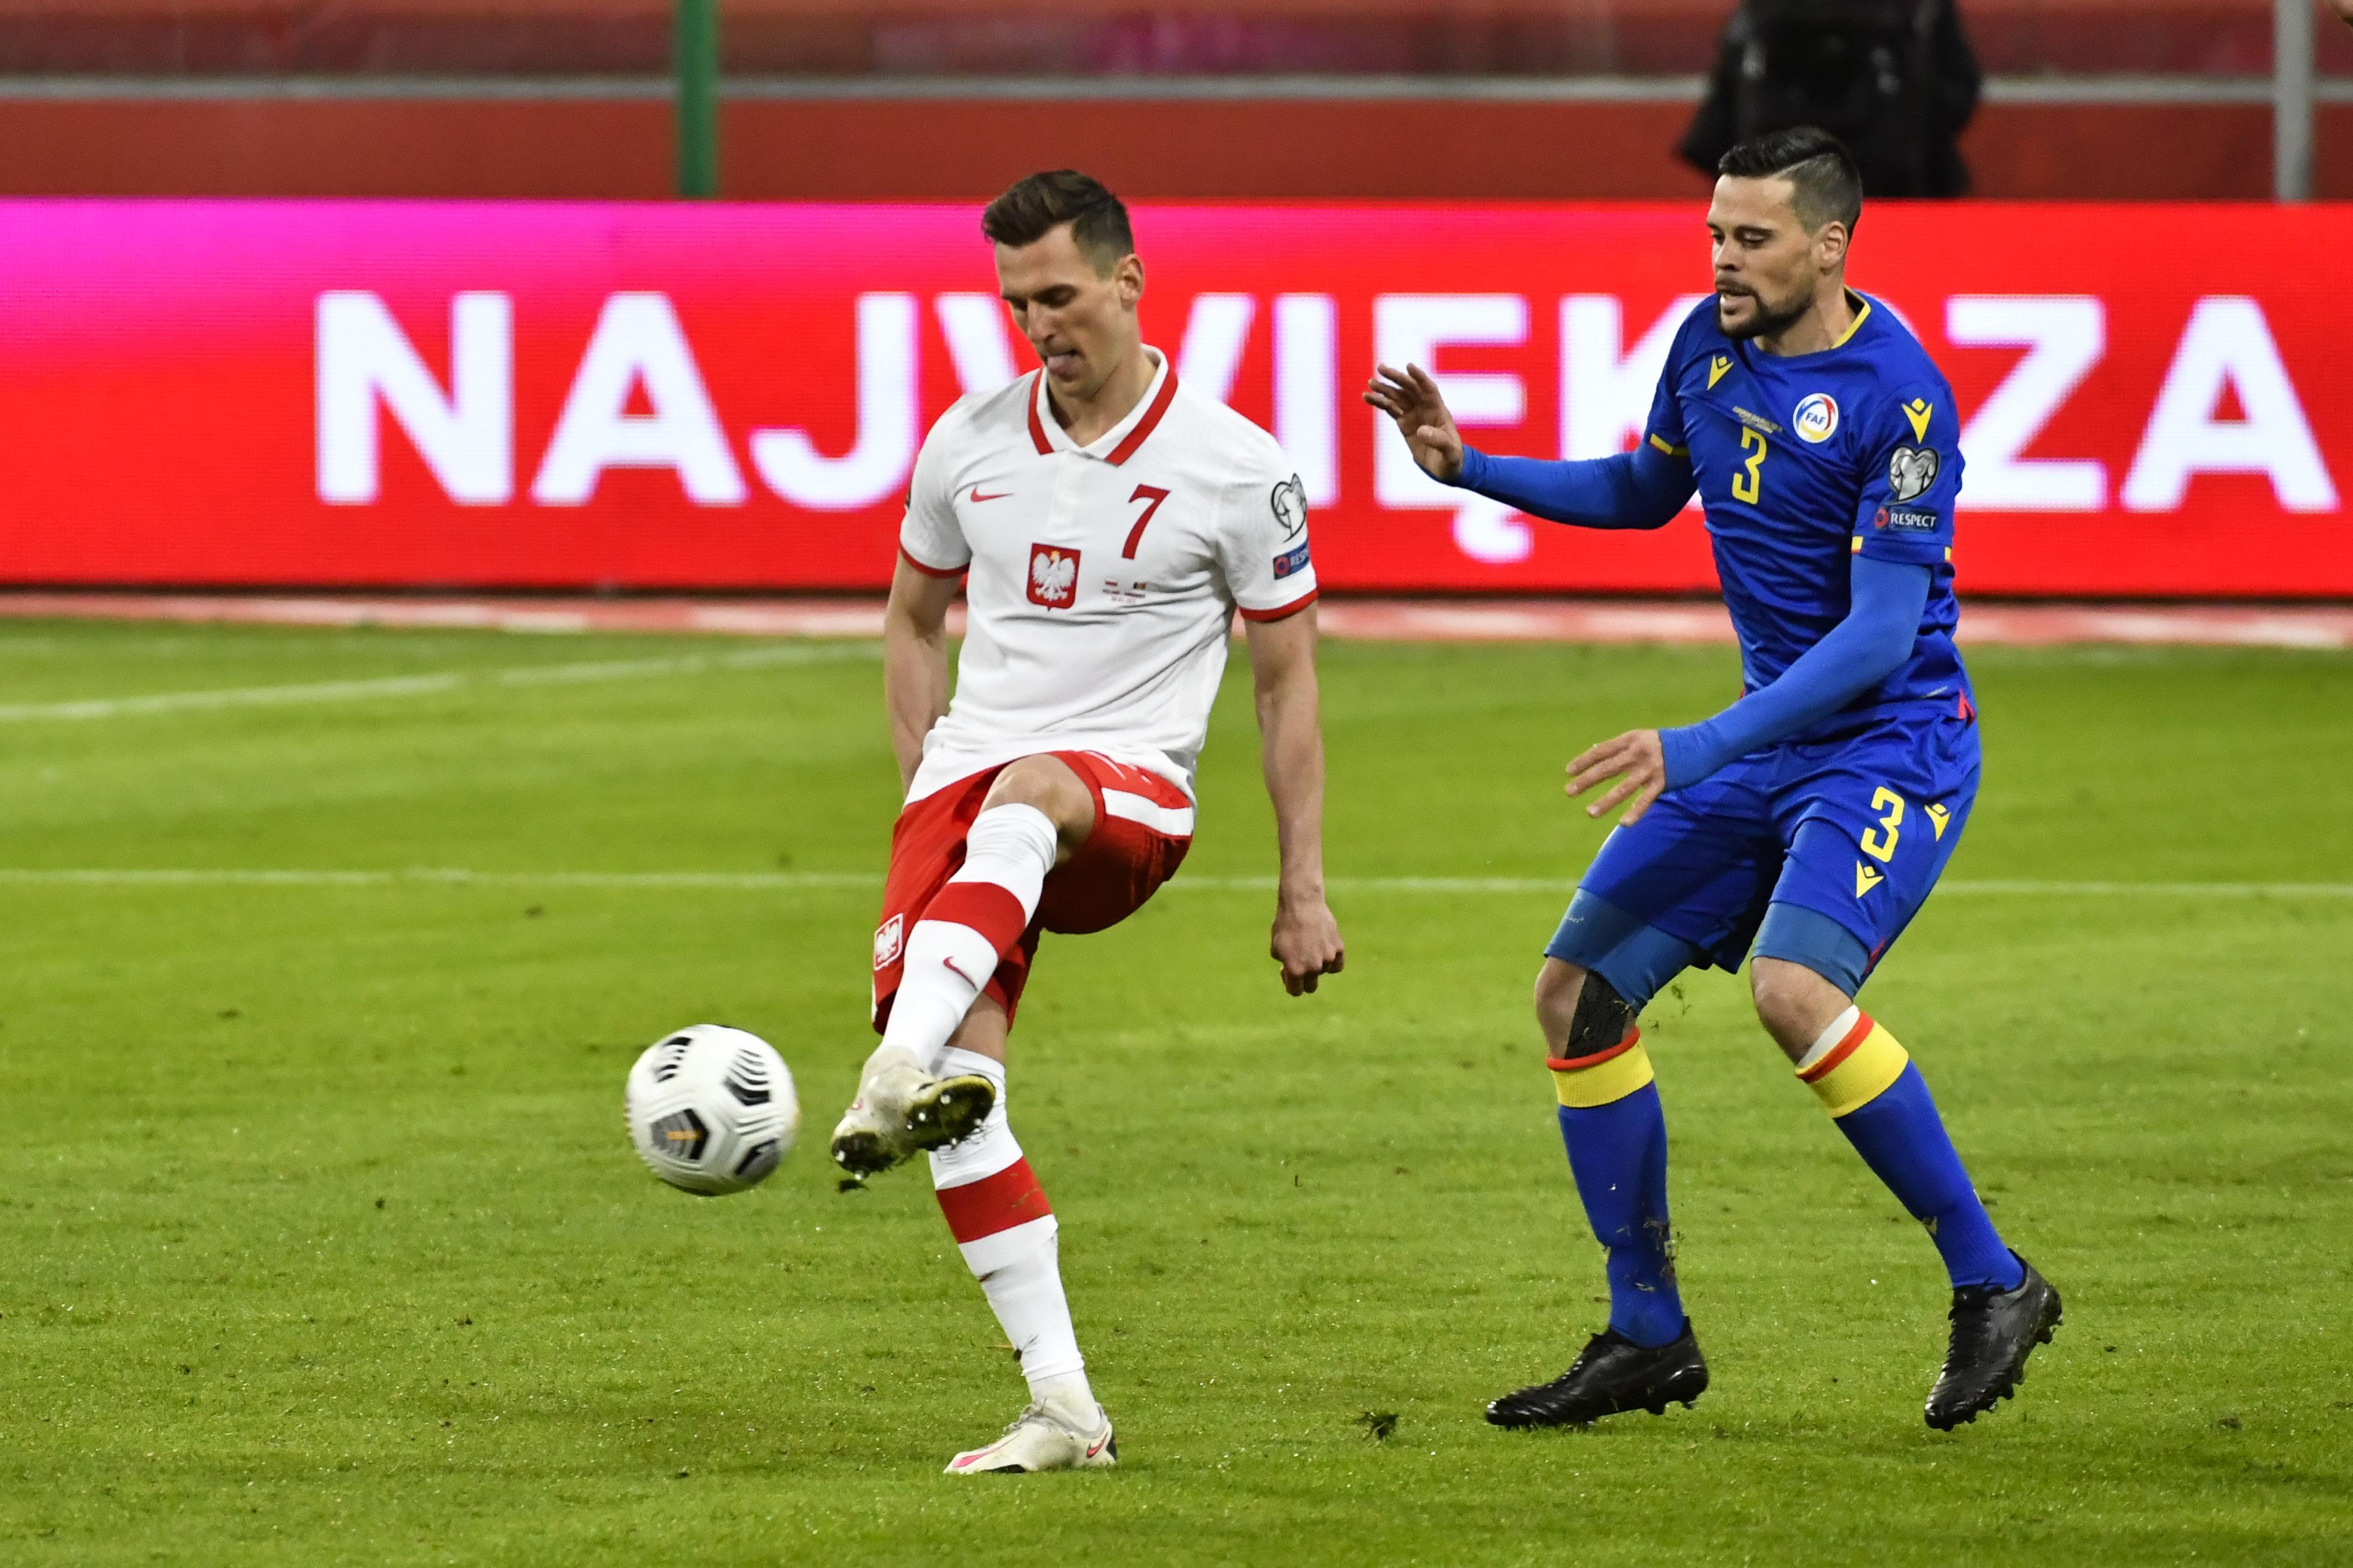 Pilka nozna. Eliminacje do MS 2022. Polska - Andora. 28.03.2021